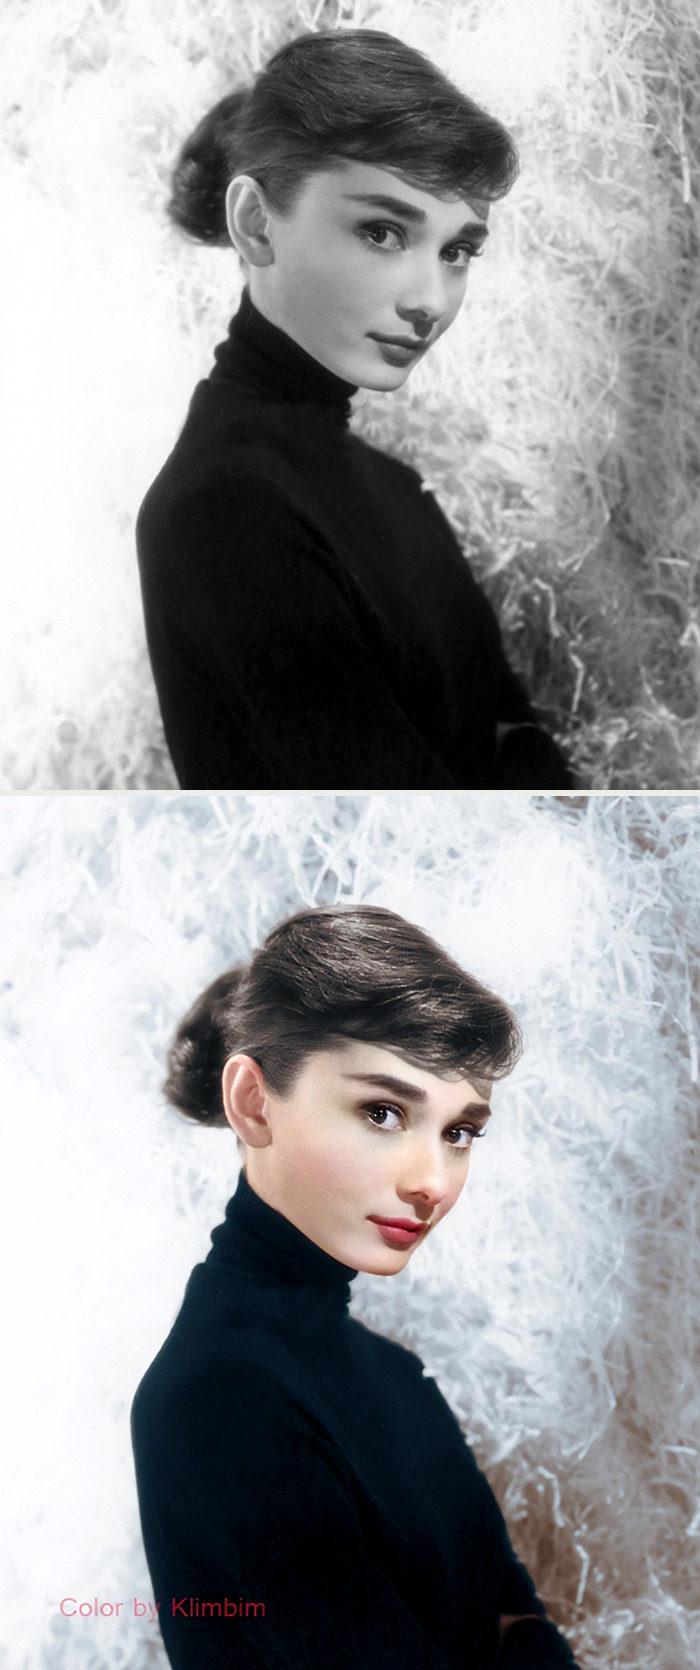 藝術家把「好萊塢黃金年代明星」變成彩色 奧黛麗赫本樹林回眸太仙❤